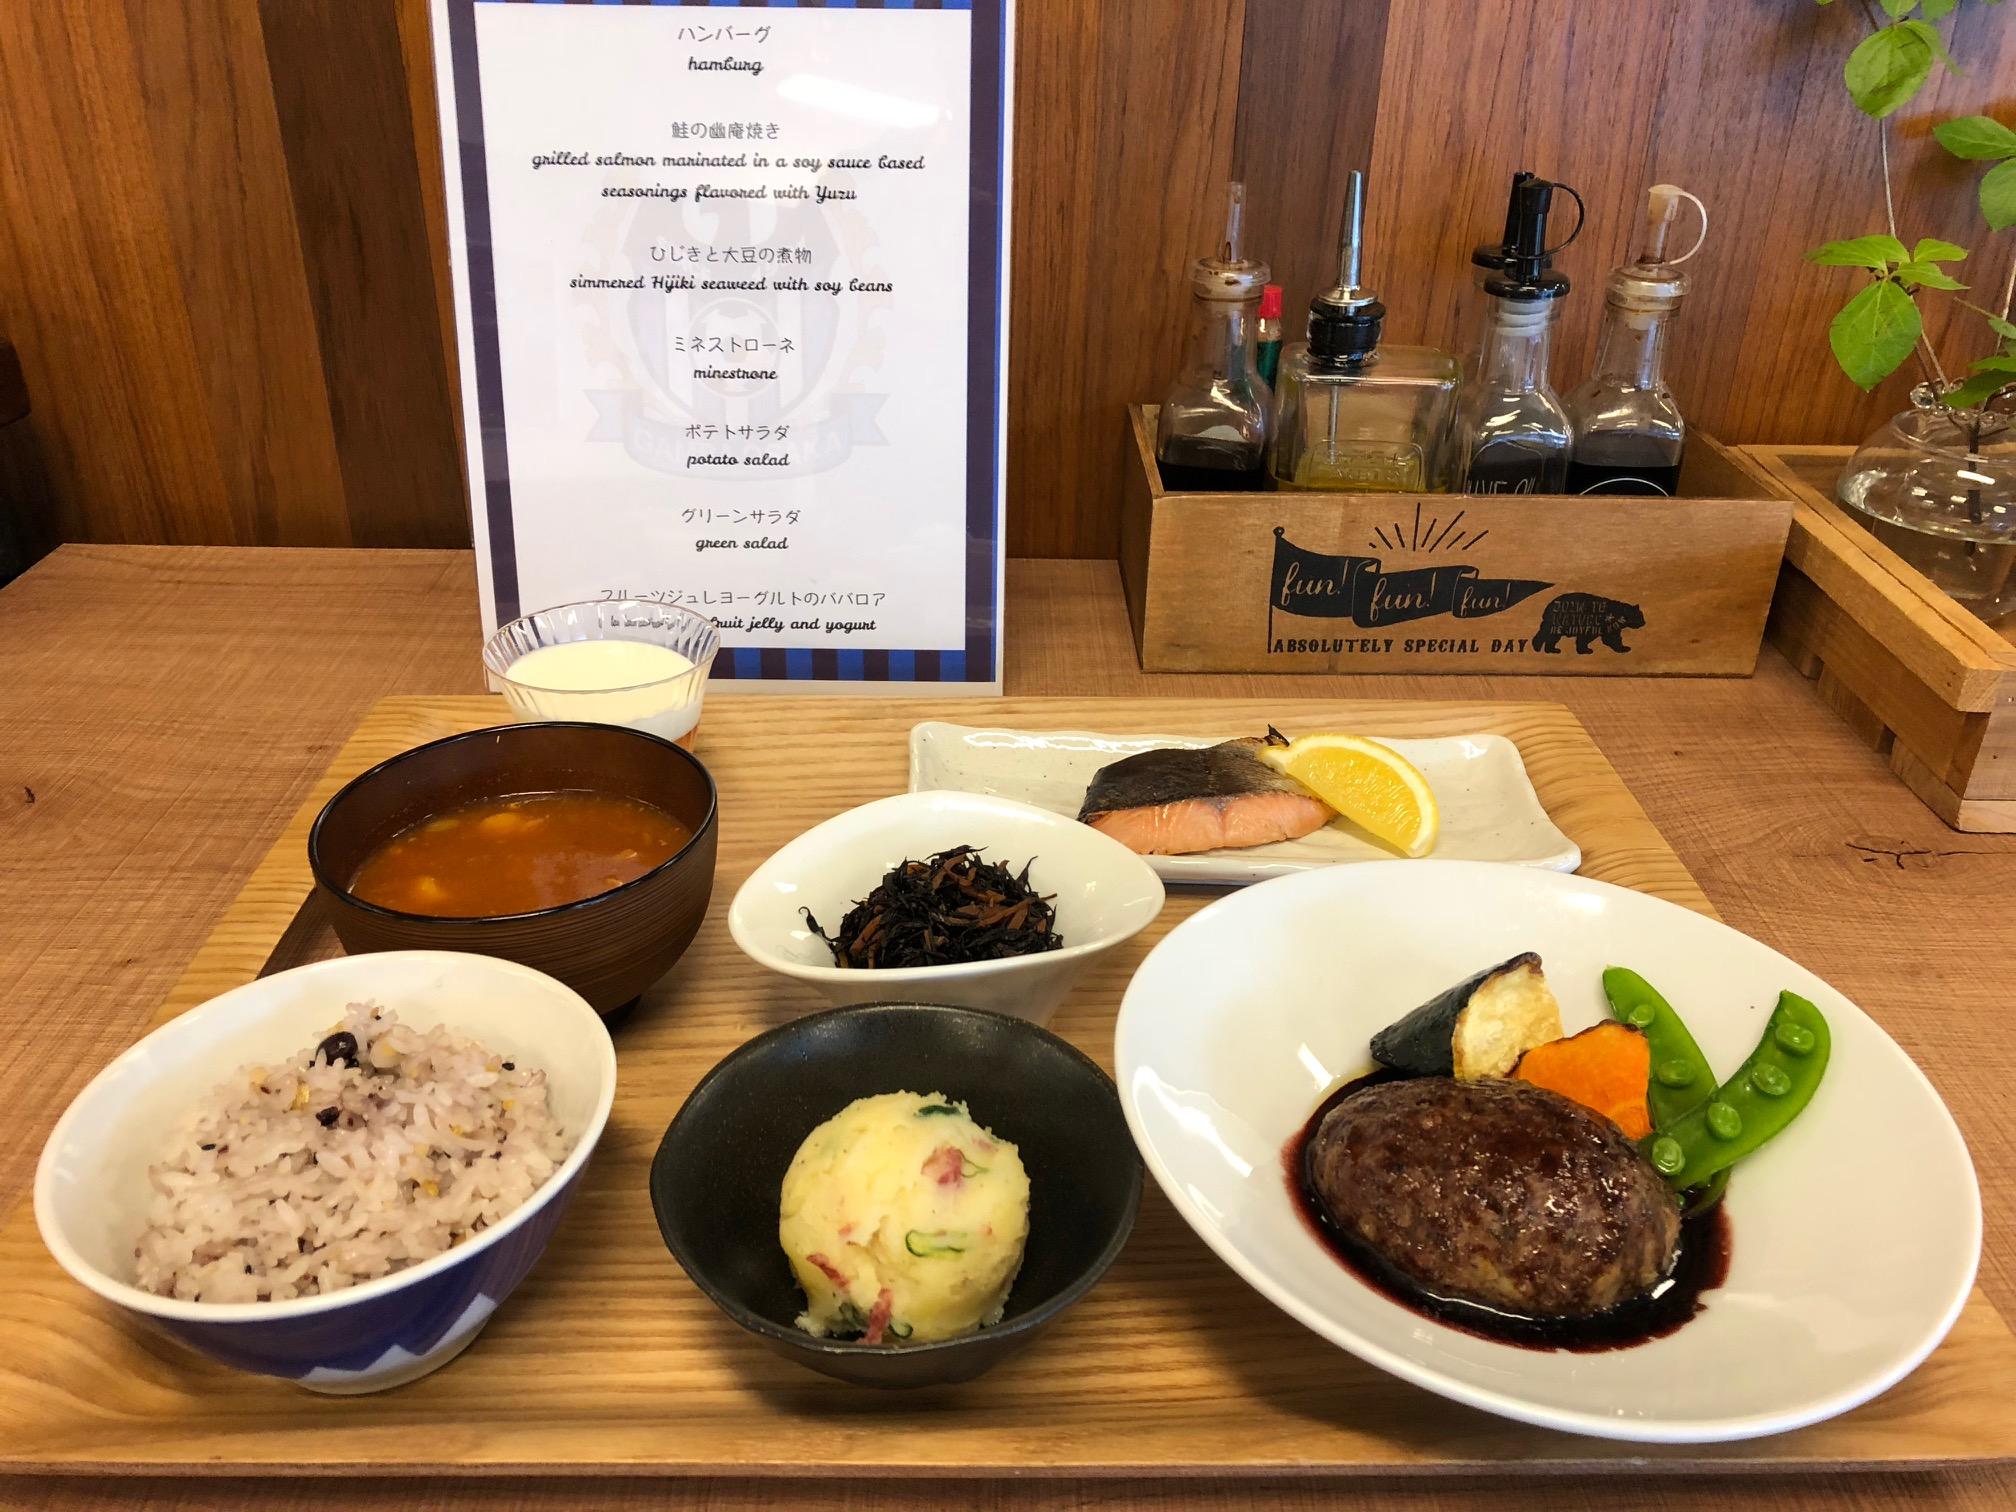 ガンバ大阪選手が日ごろ遠征前に食べる食事